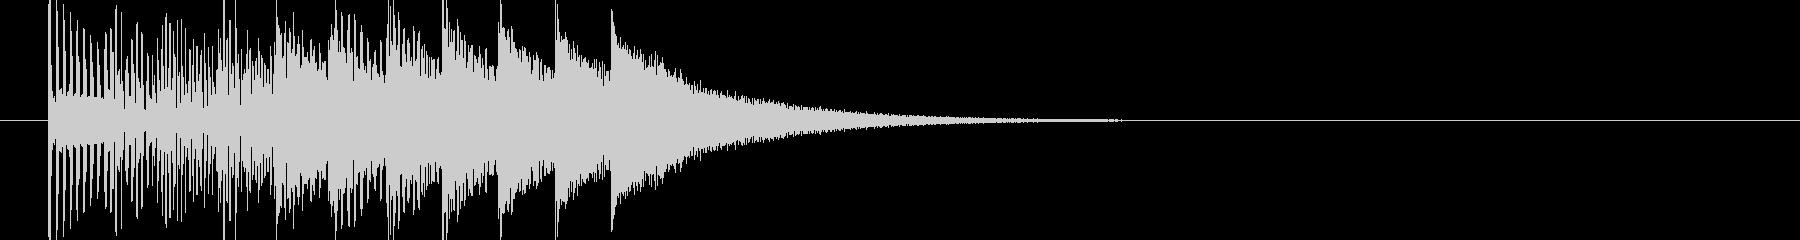 発見(電子音)の未再生の波形